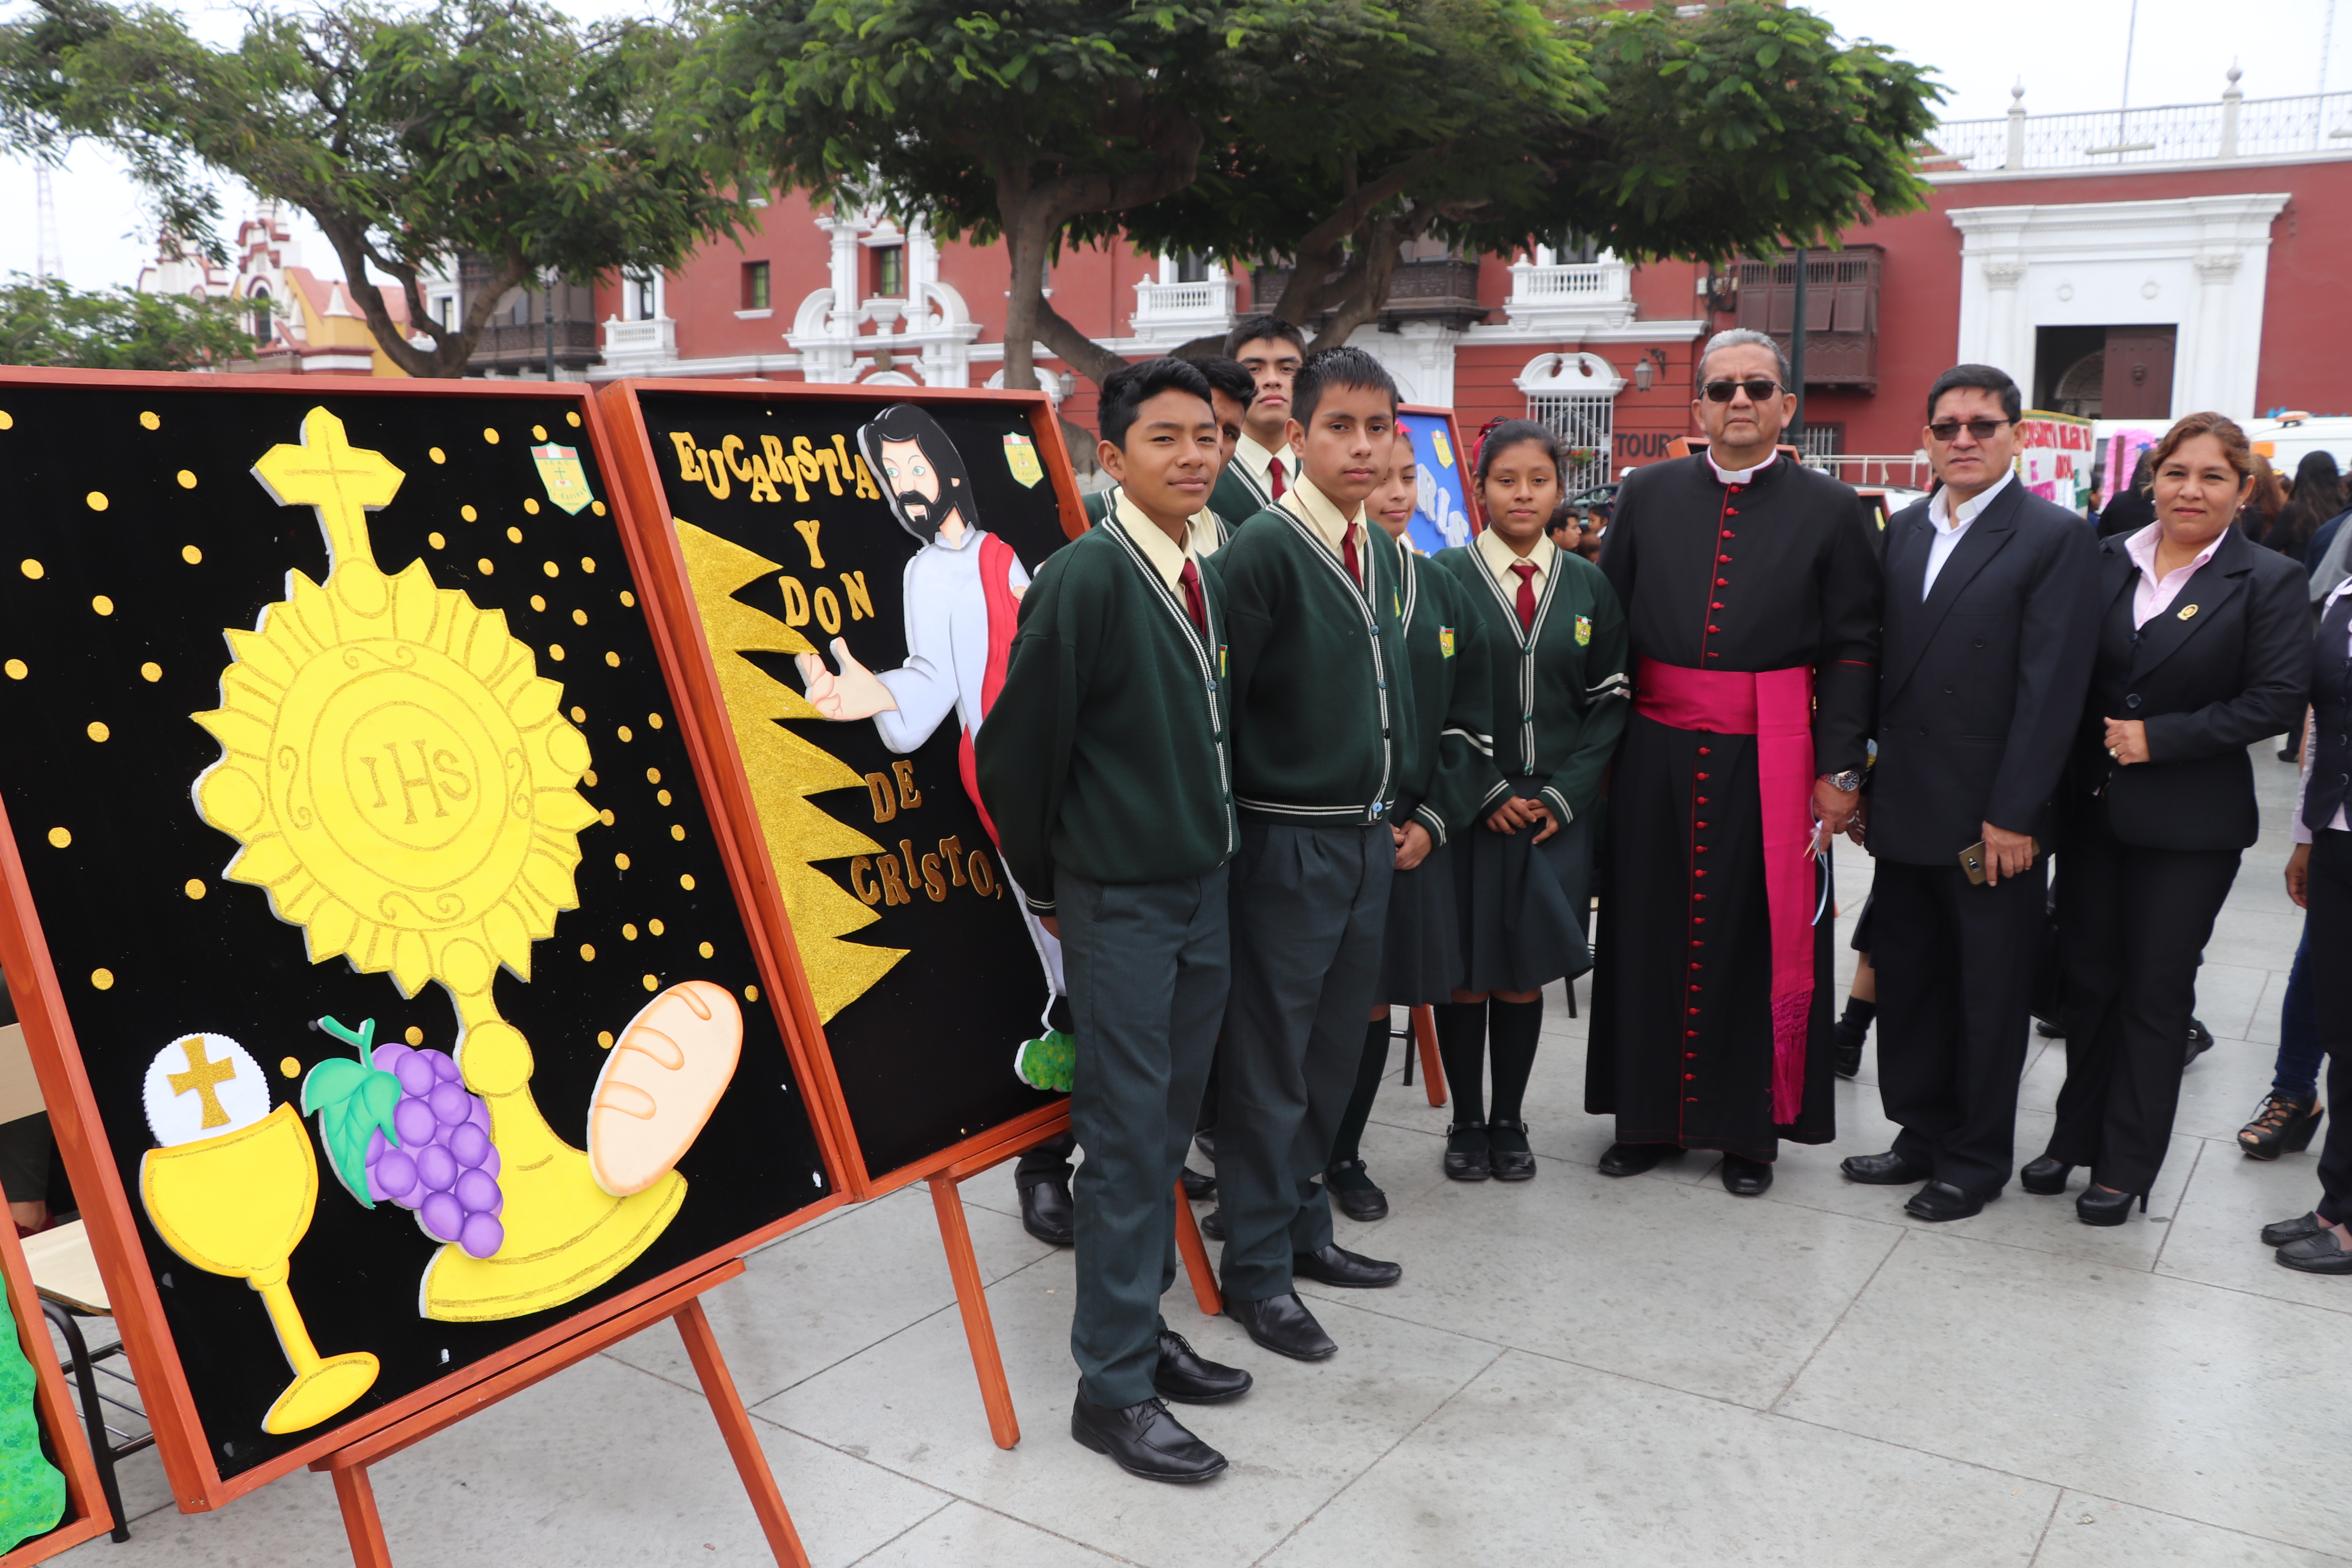 Más de 295 instituciones educativas expusieron sus periódicos murales alusivos al Corpus Christi